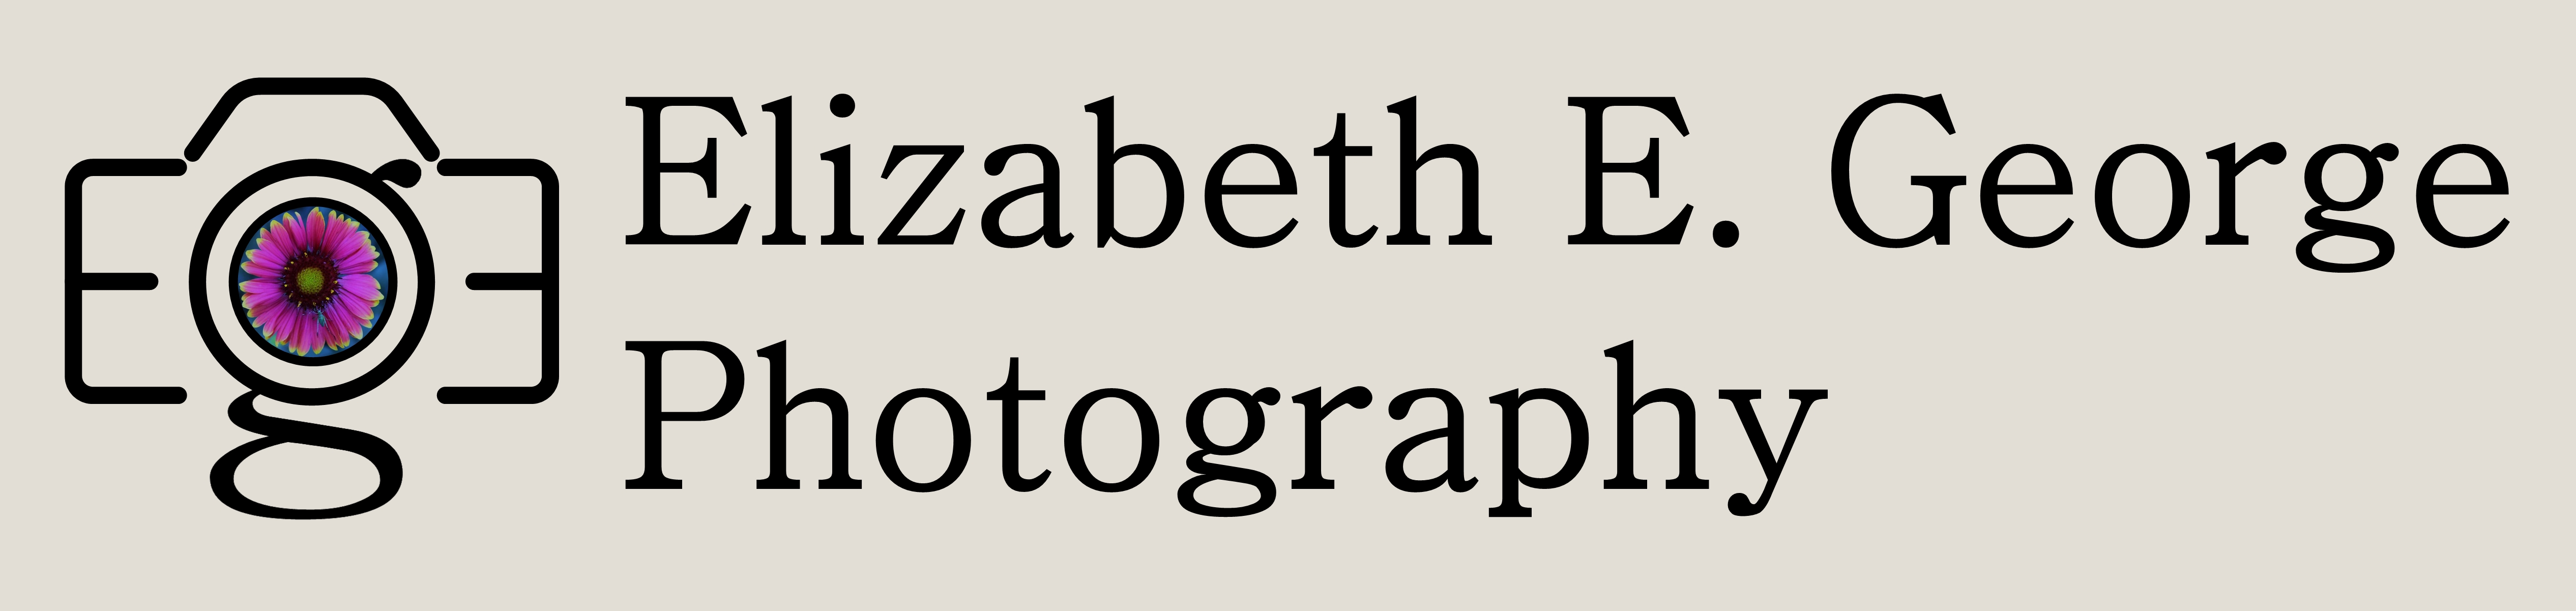 Elizabeth E. George Photography